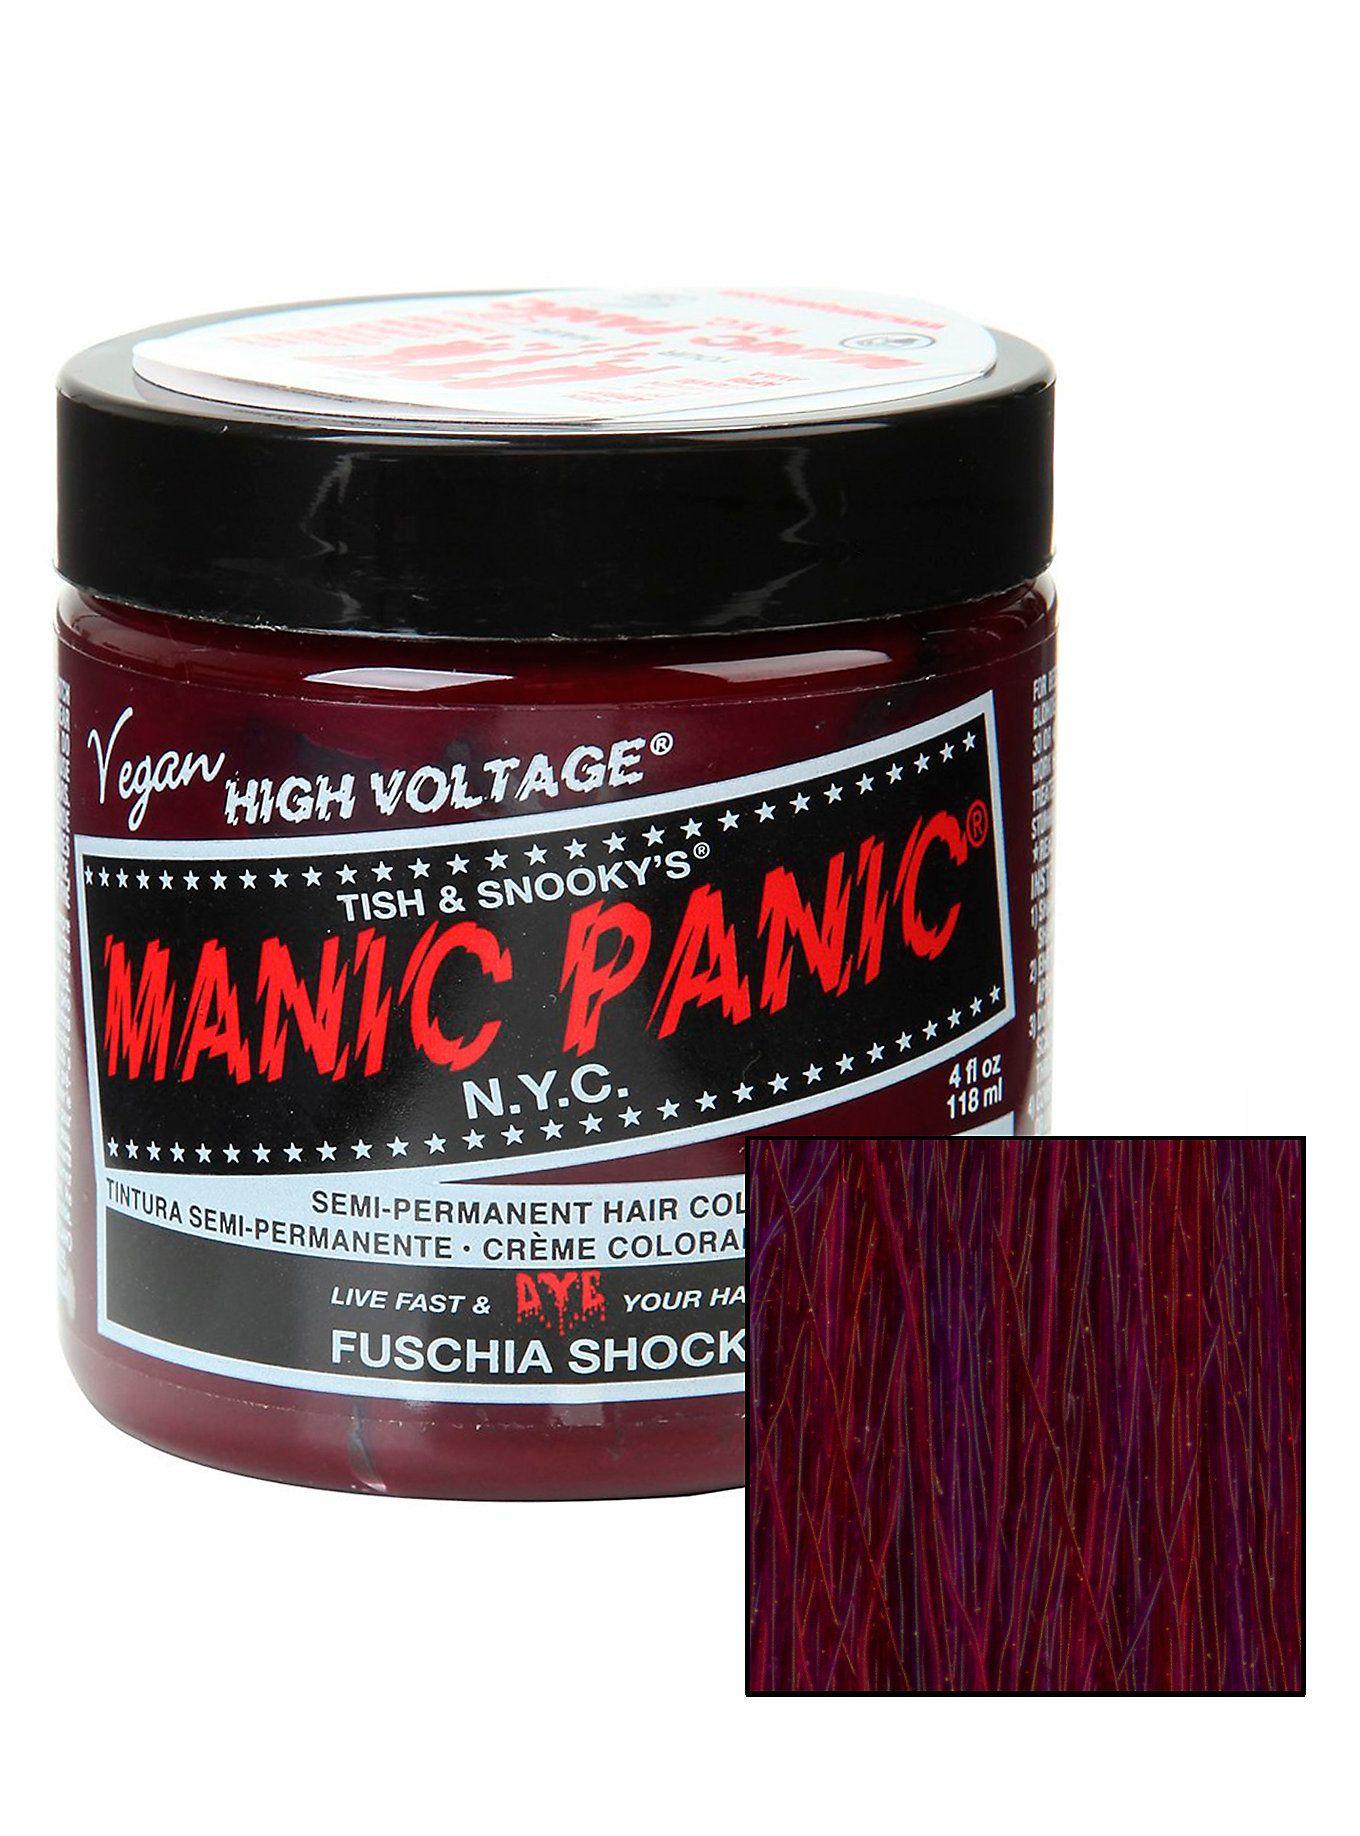 Manic Panic Fuschia Shock Classic Cream Hair Dye Manic Panic Infra Red Dyed Hair Hair Cream